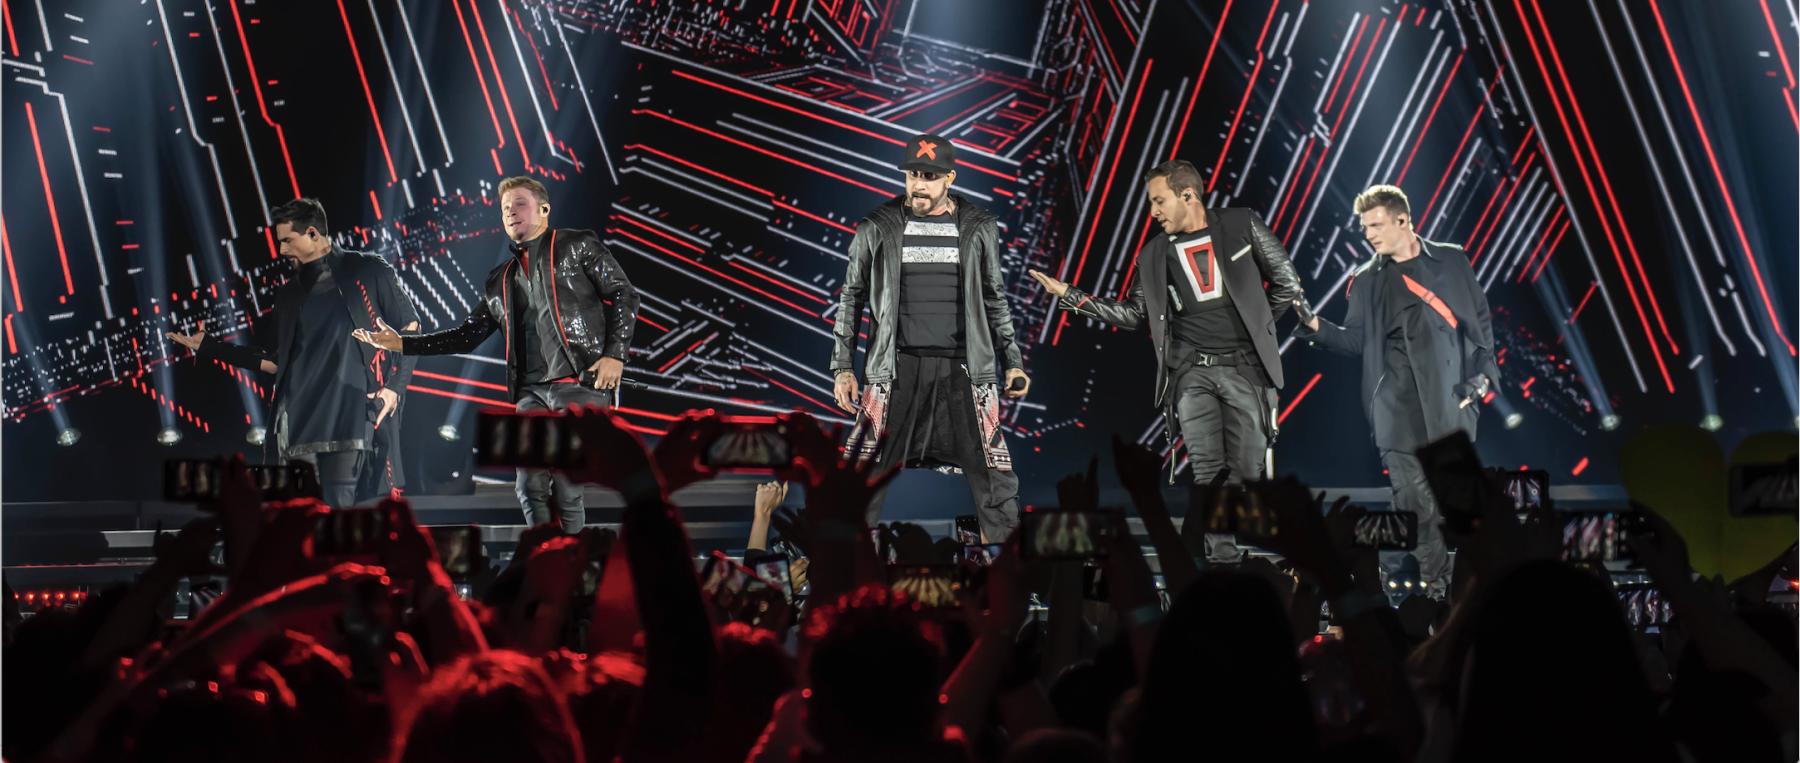 Festejan A Brian Littrell Durante El Concierto De Los Backstreet Boys En Cdmx